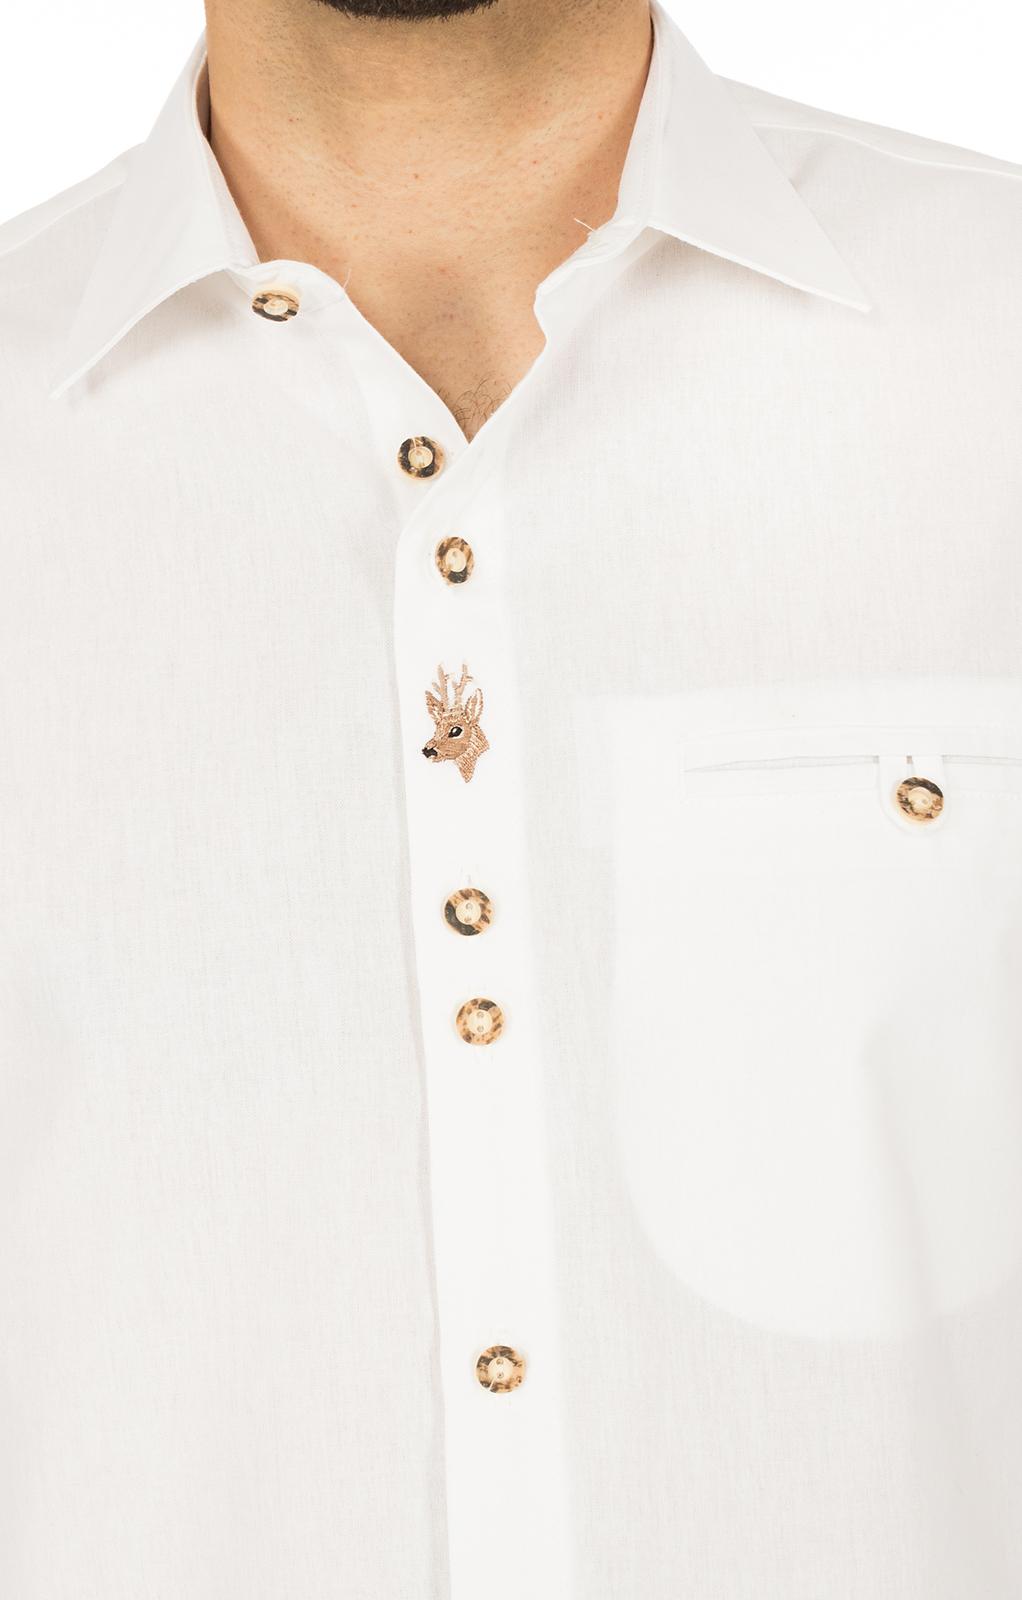 weitere Bilder von German traditional shirt white